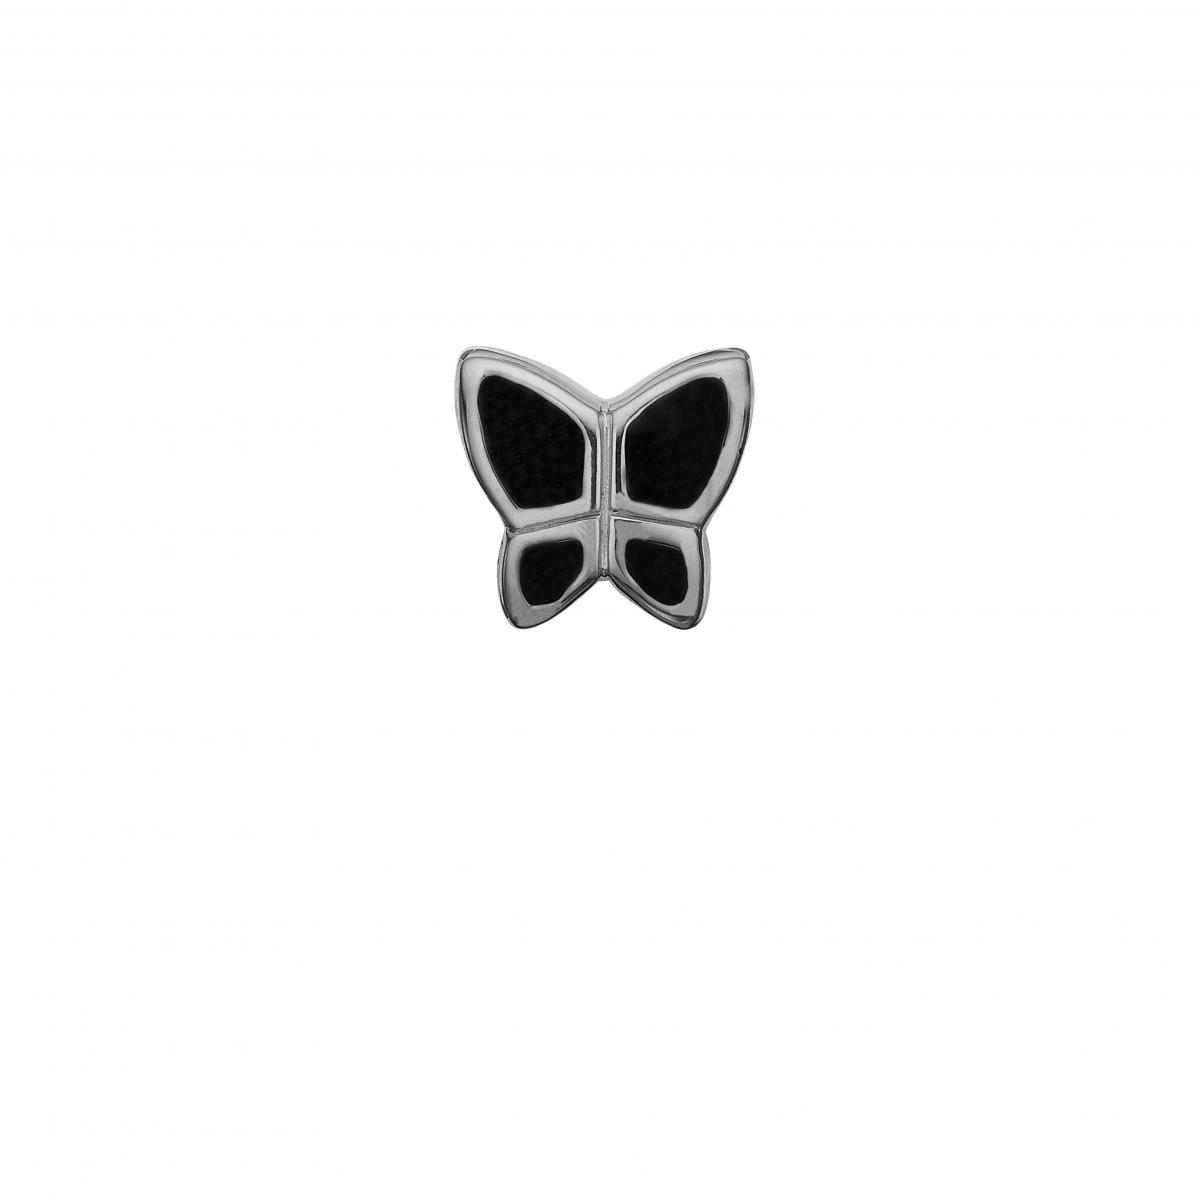 CHRISTINA, Butterfly black - 623-S41-BLACK